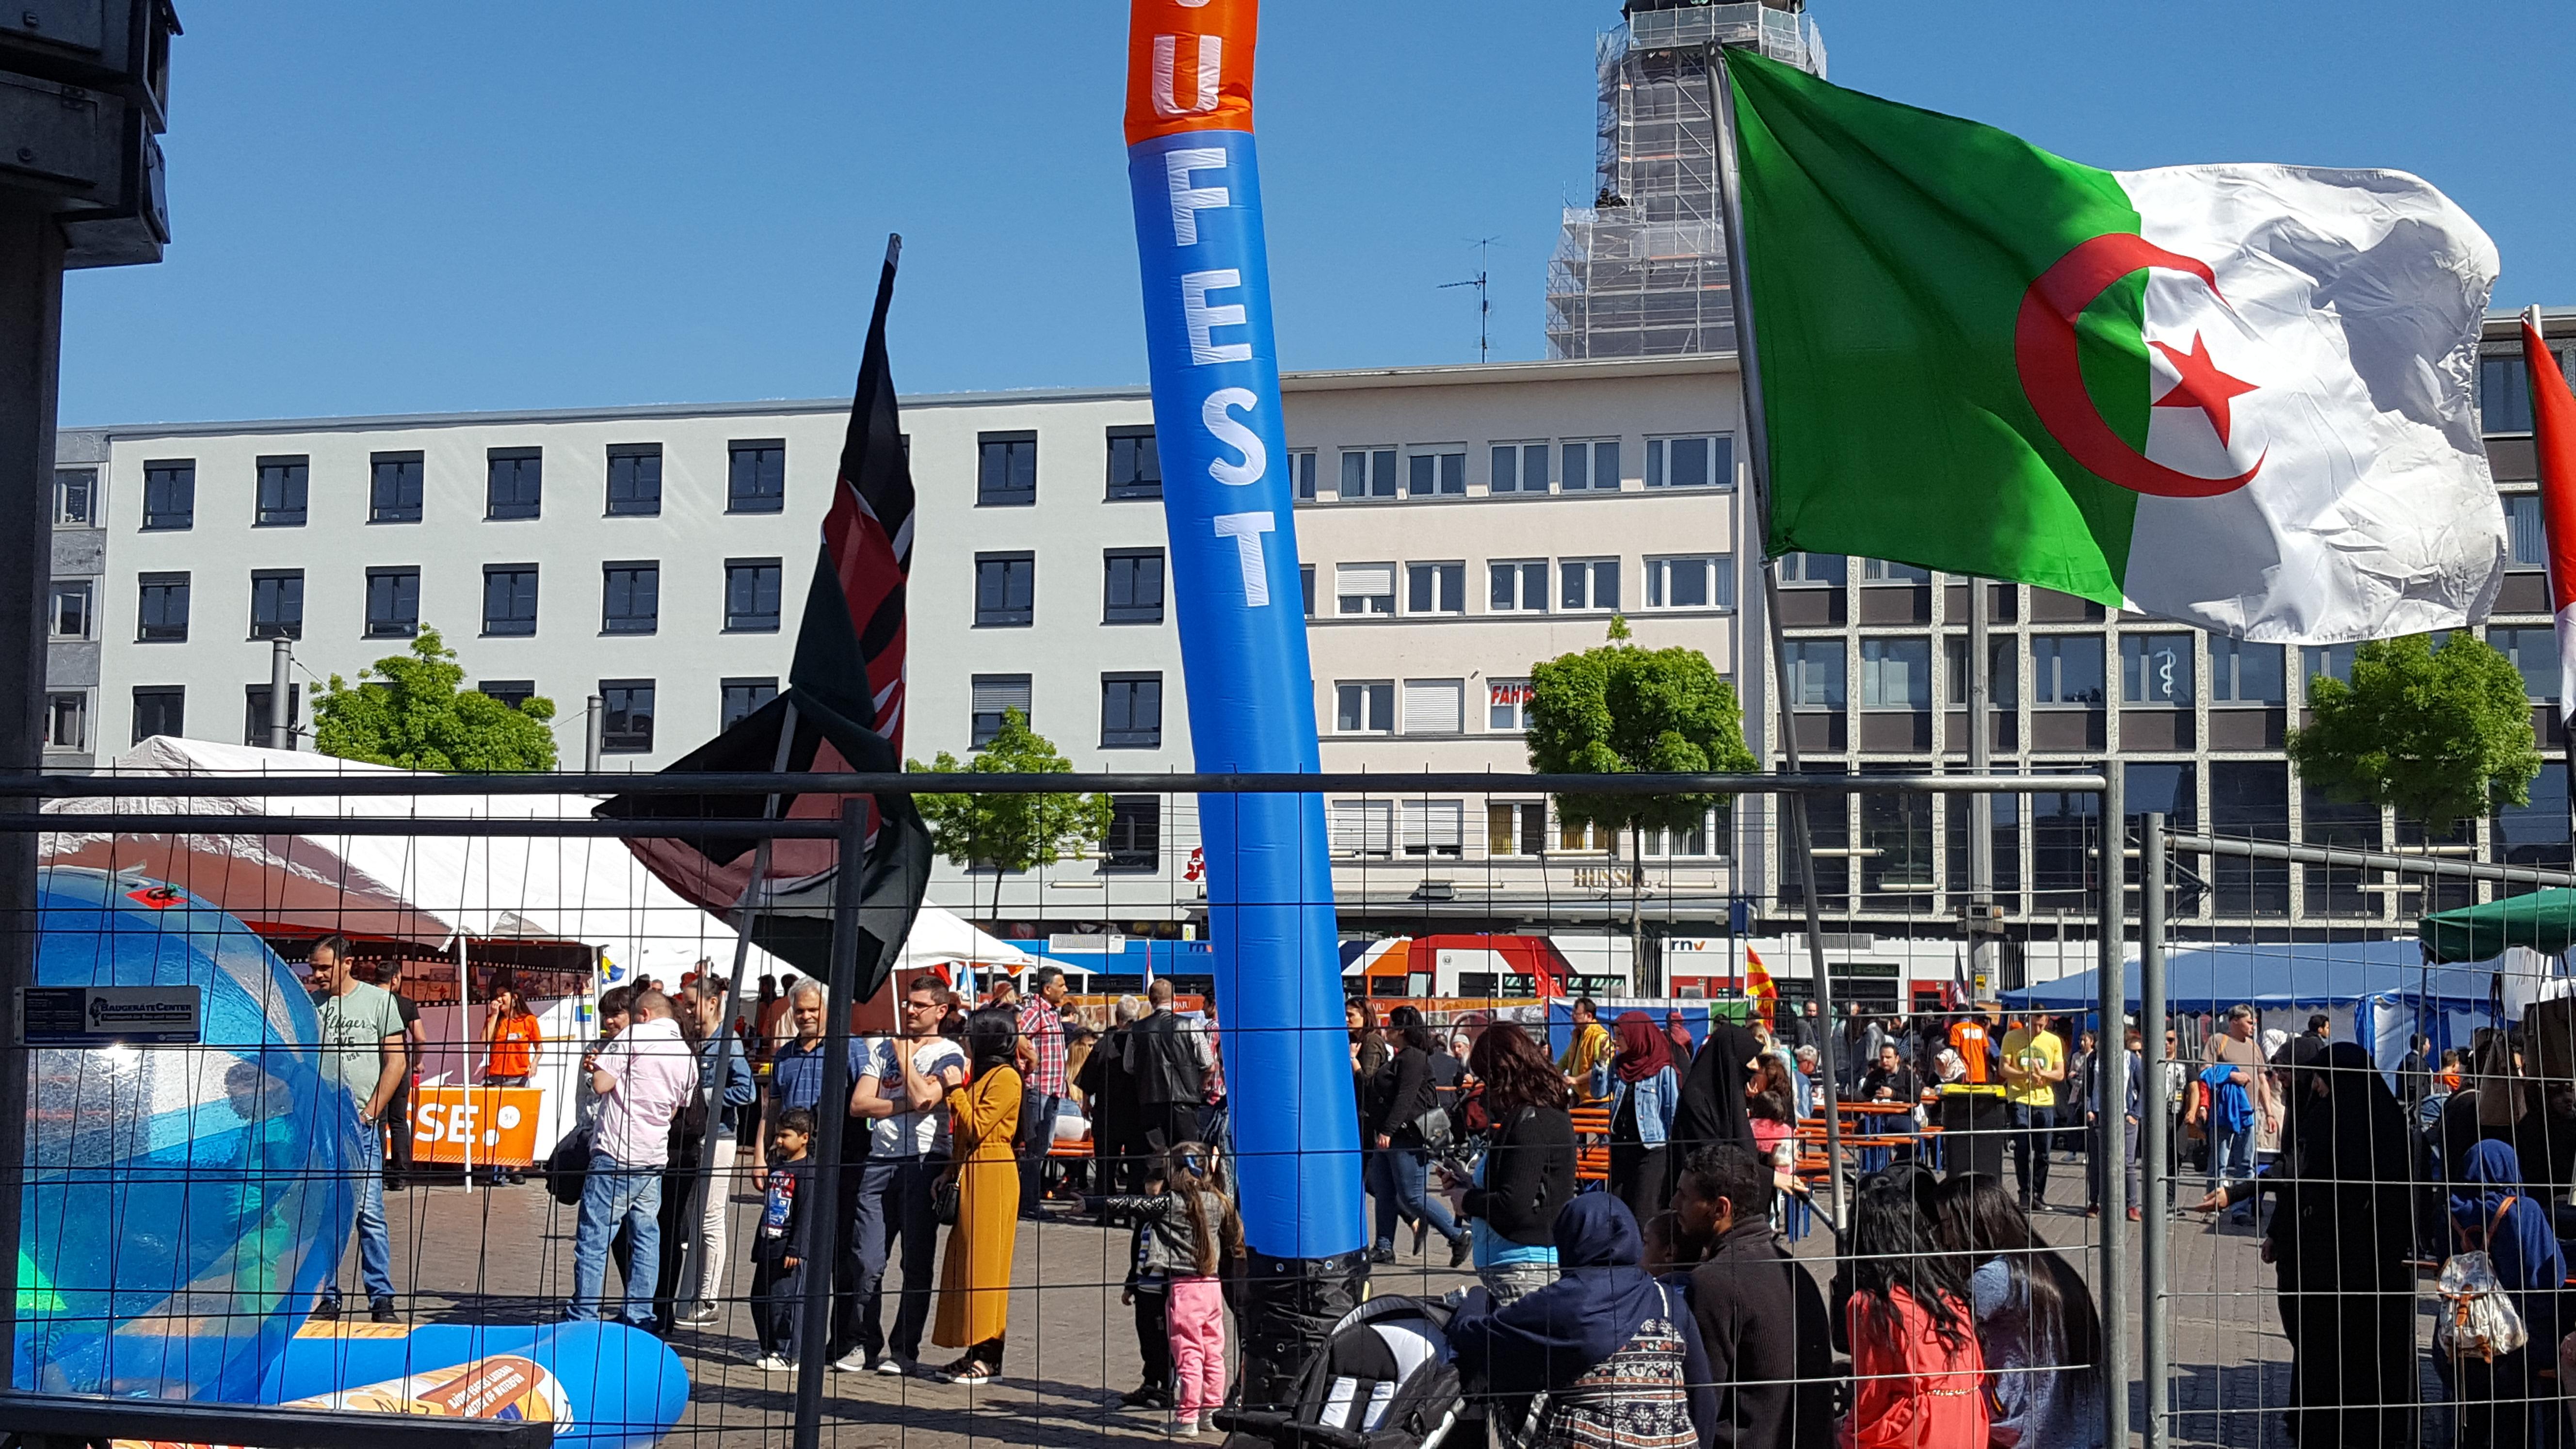 Spaju Fest in Mannheim Marktplatz 1